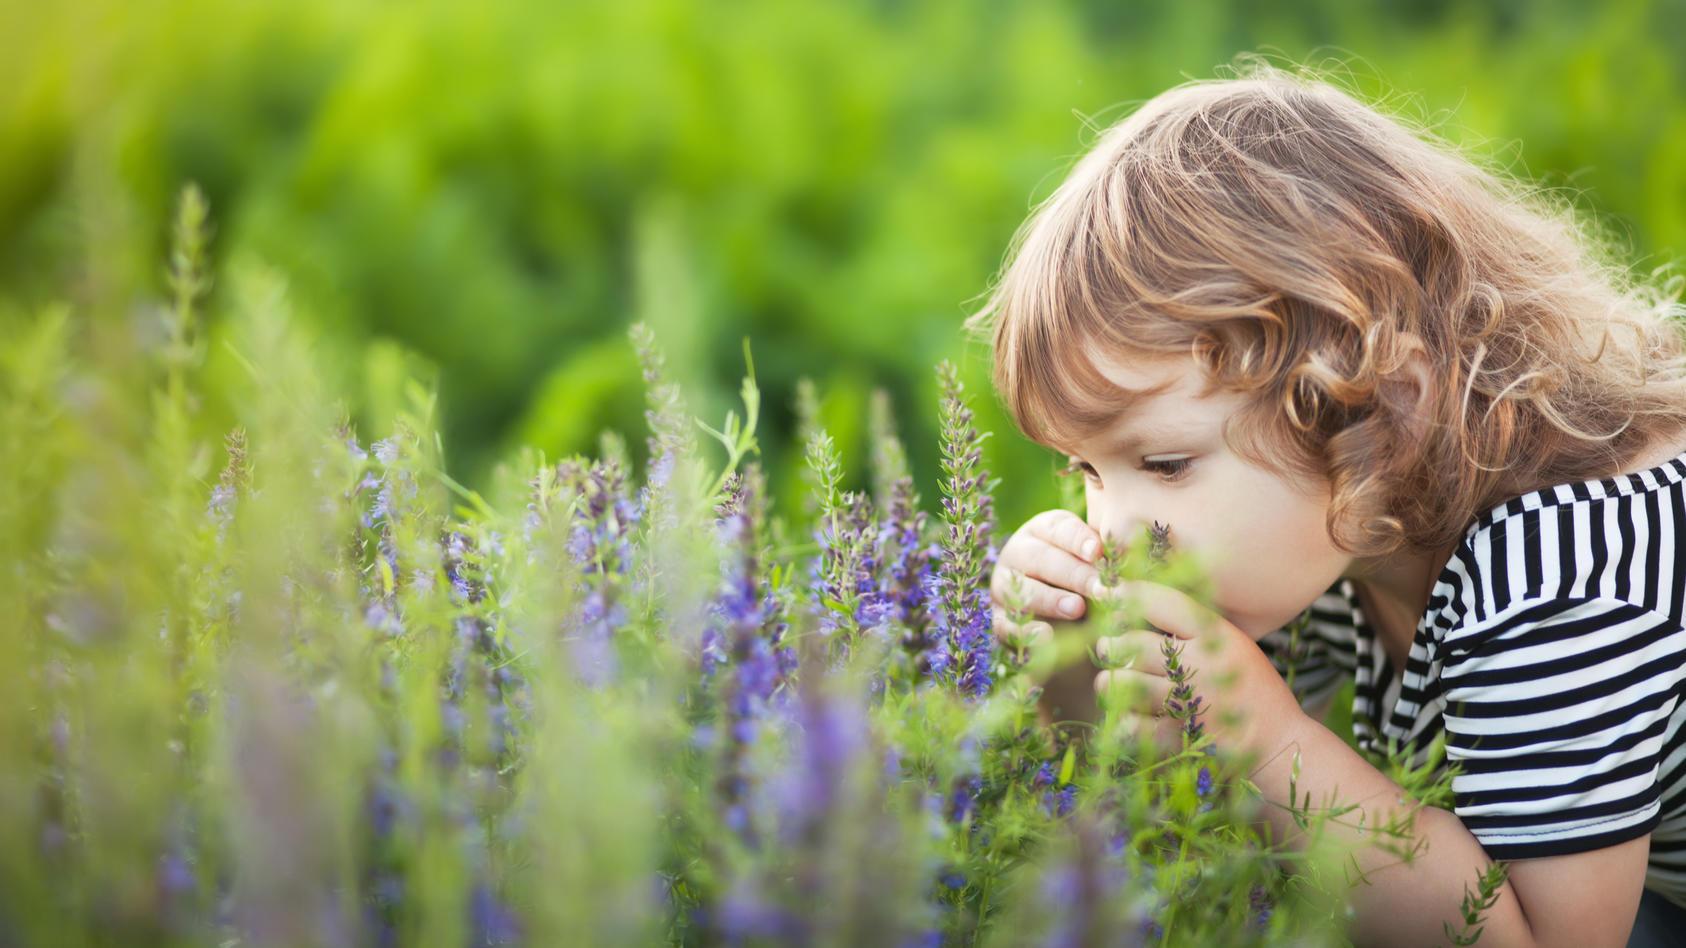 Kinder erleben ihre Umwelt mit allen Sinnen.